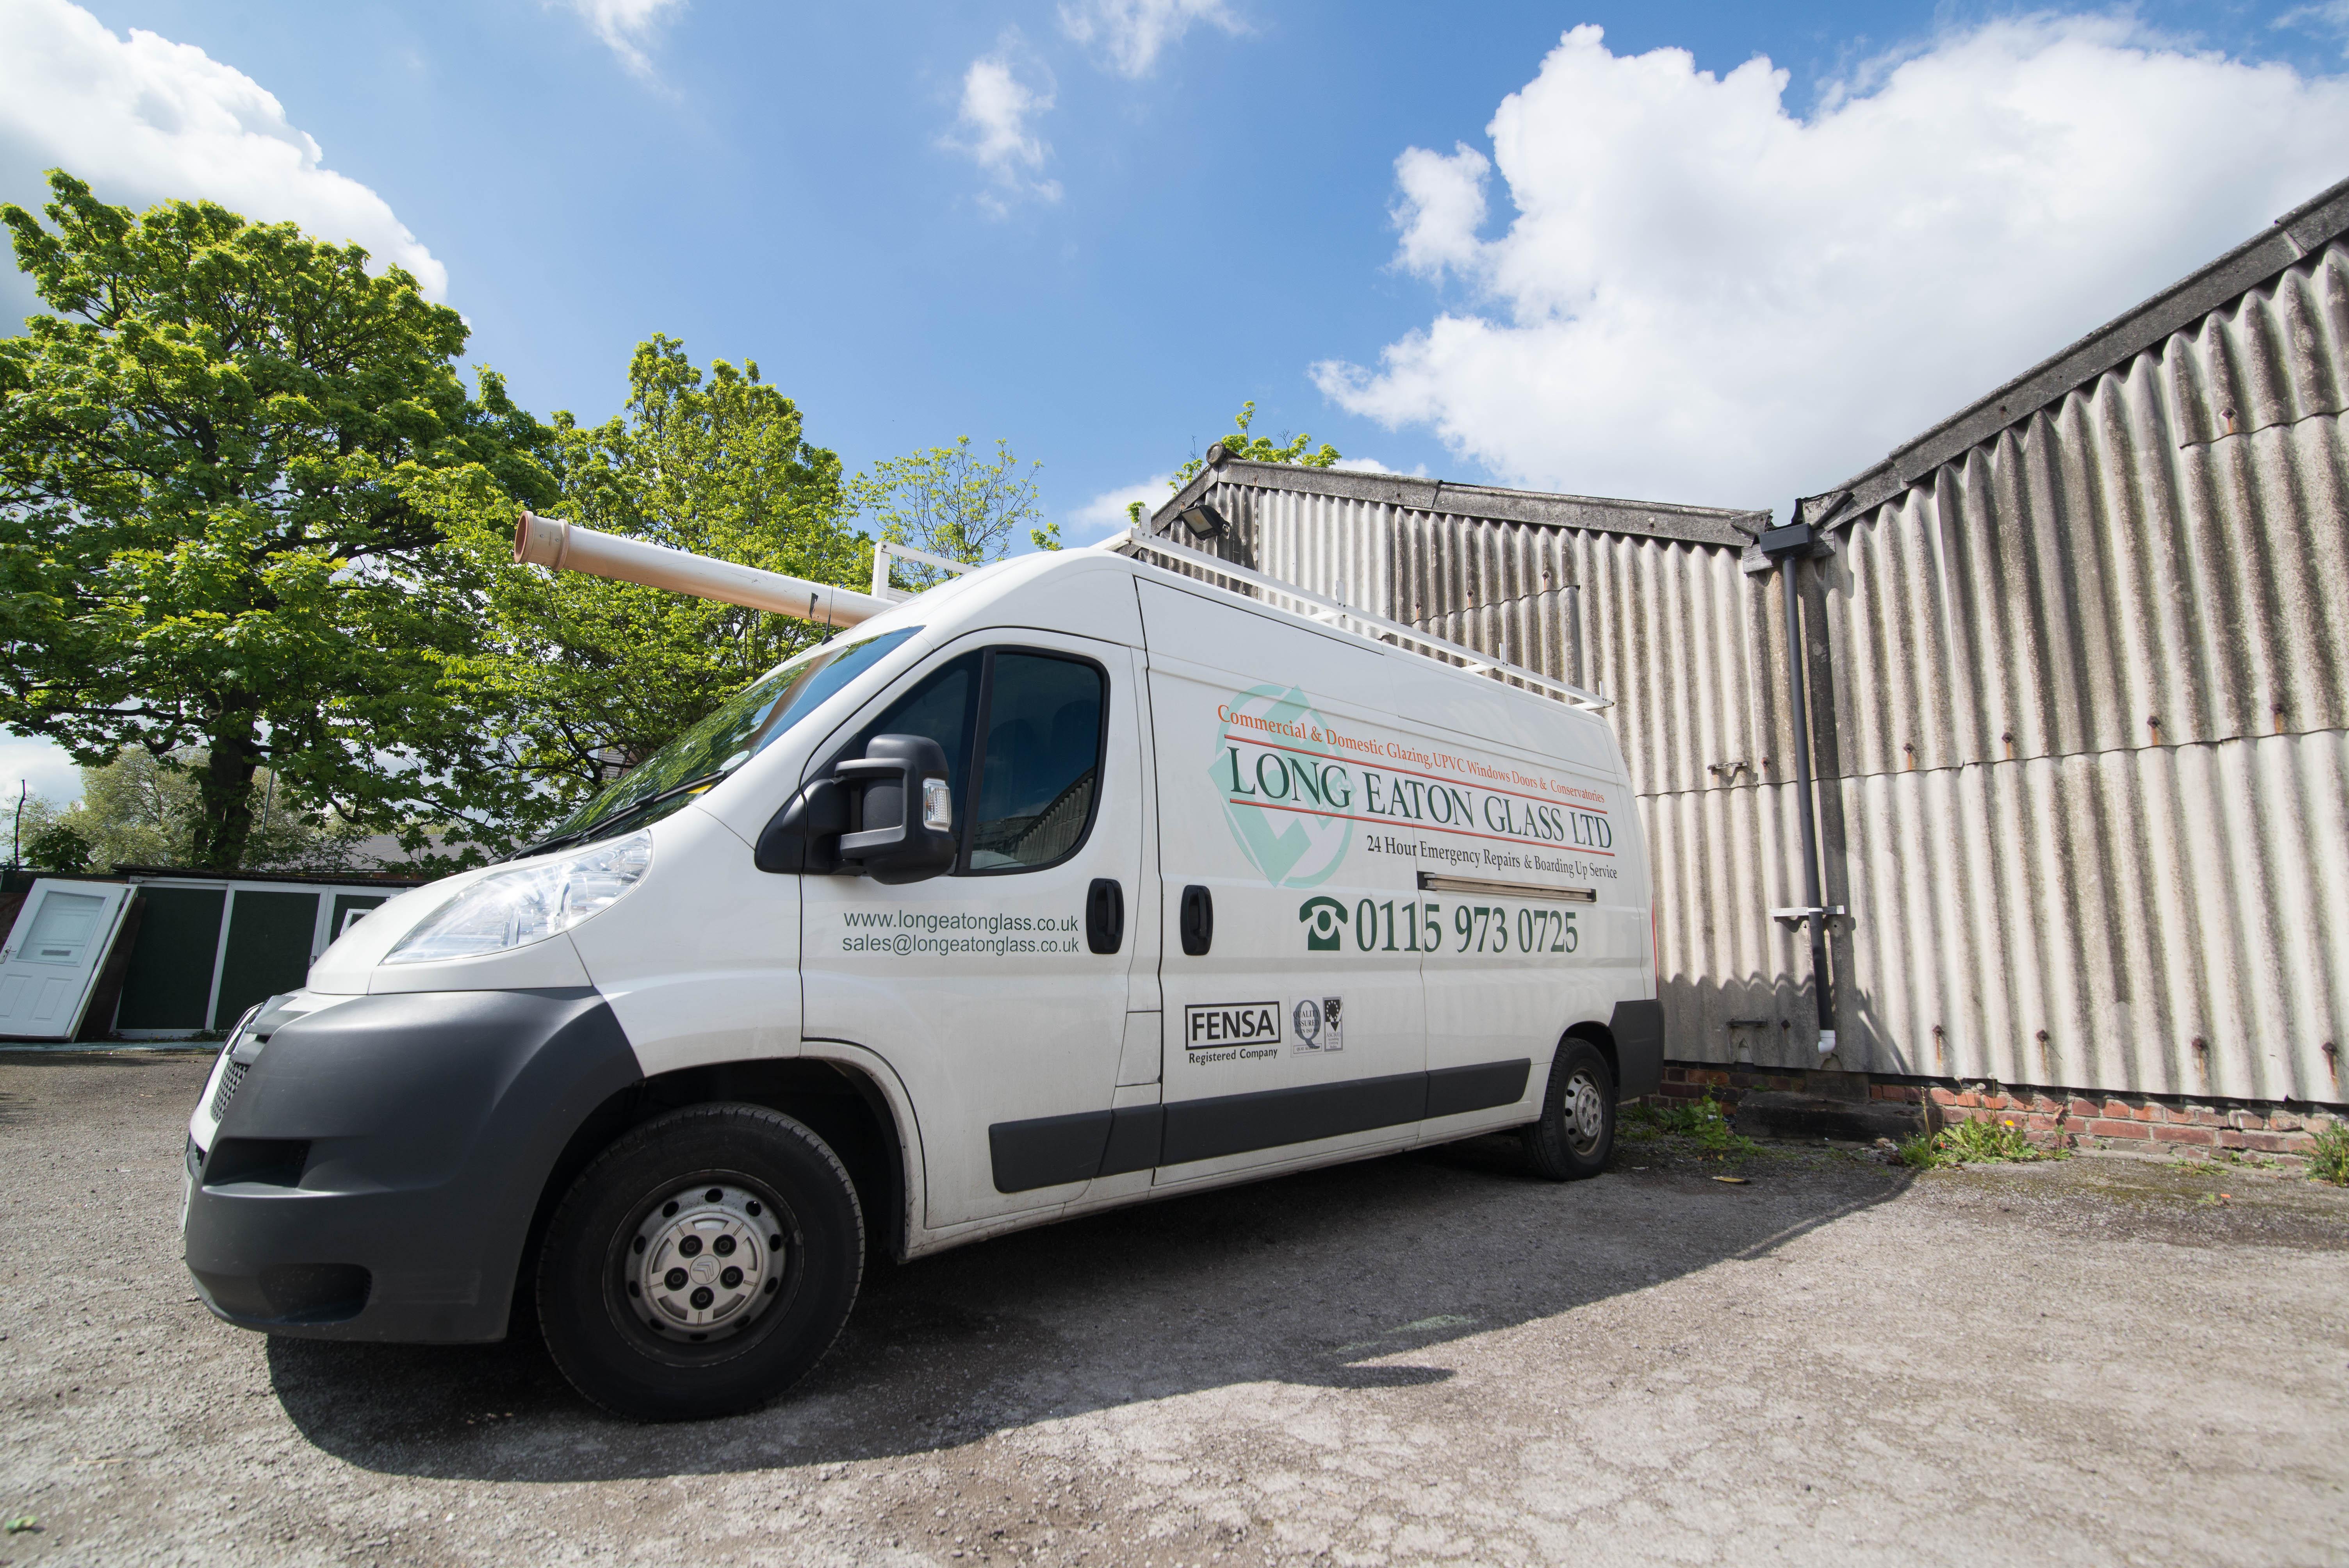 Long Eaton Glass company van.